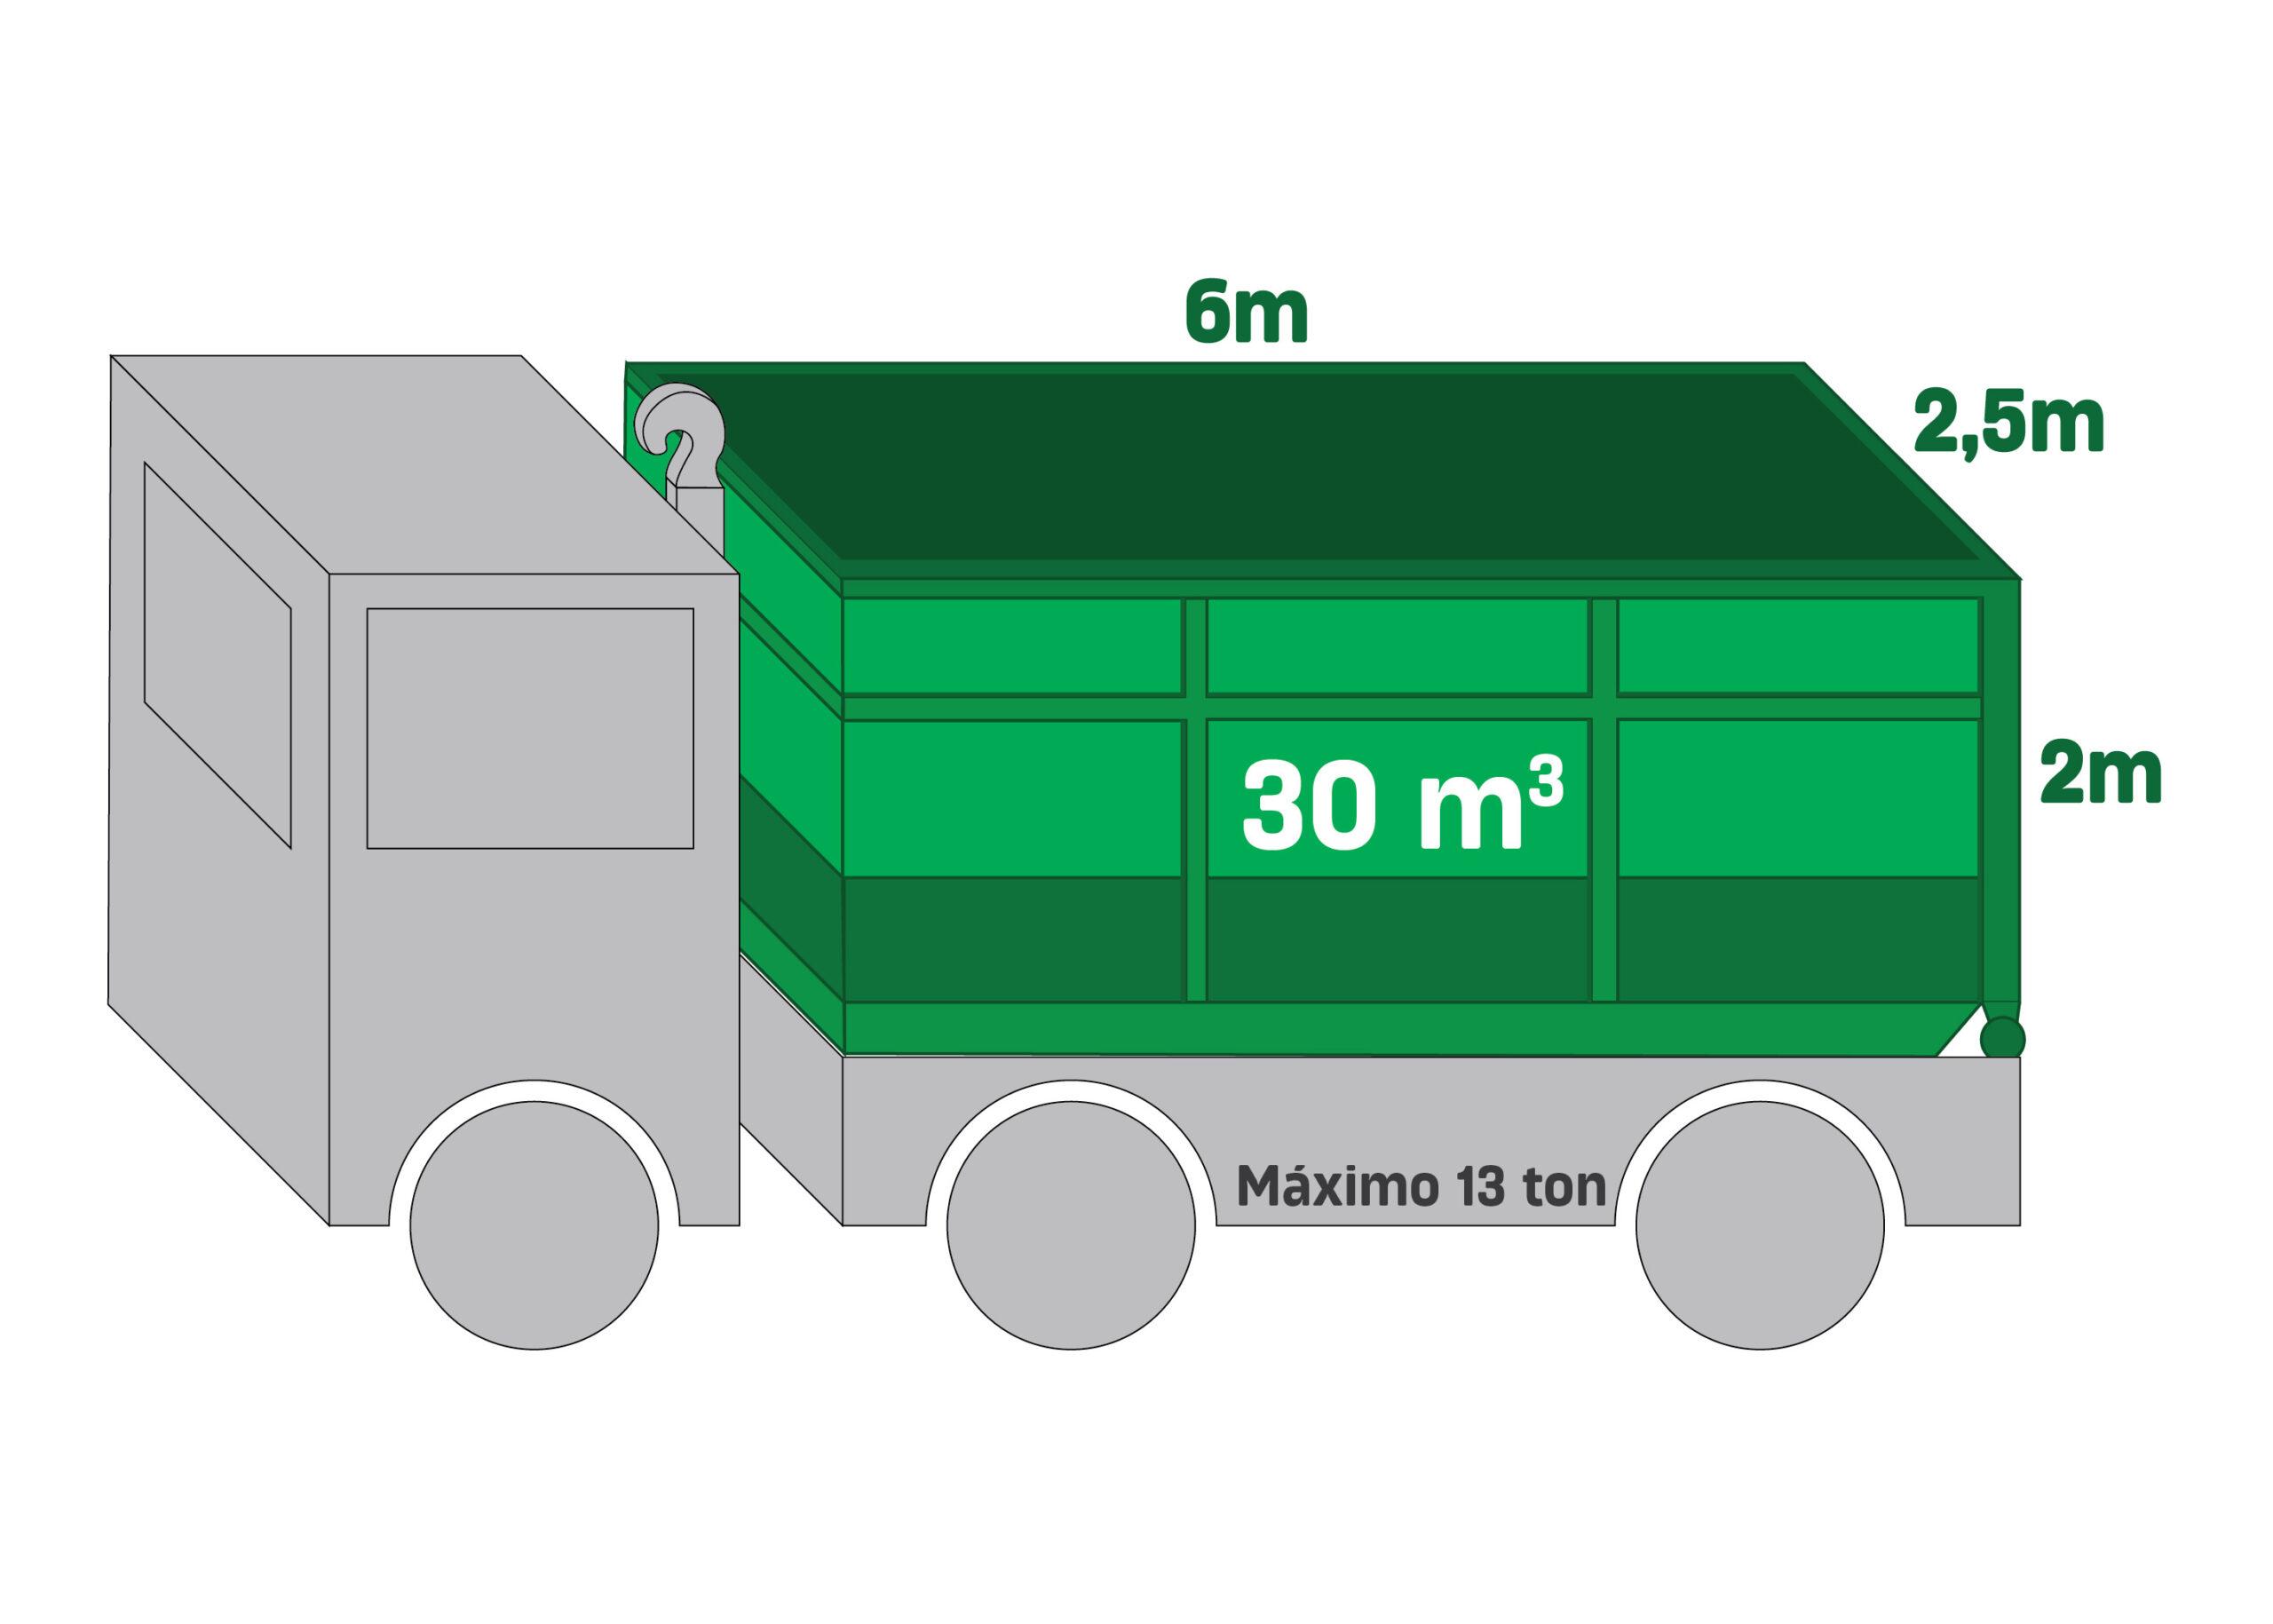 Las cajas RollOff de 20m3 tienen una base de 6m 2,5m y una altura de 2m. Pueden soportar hasta 13 toneladas.